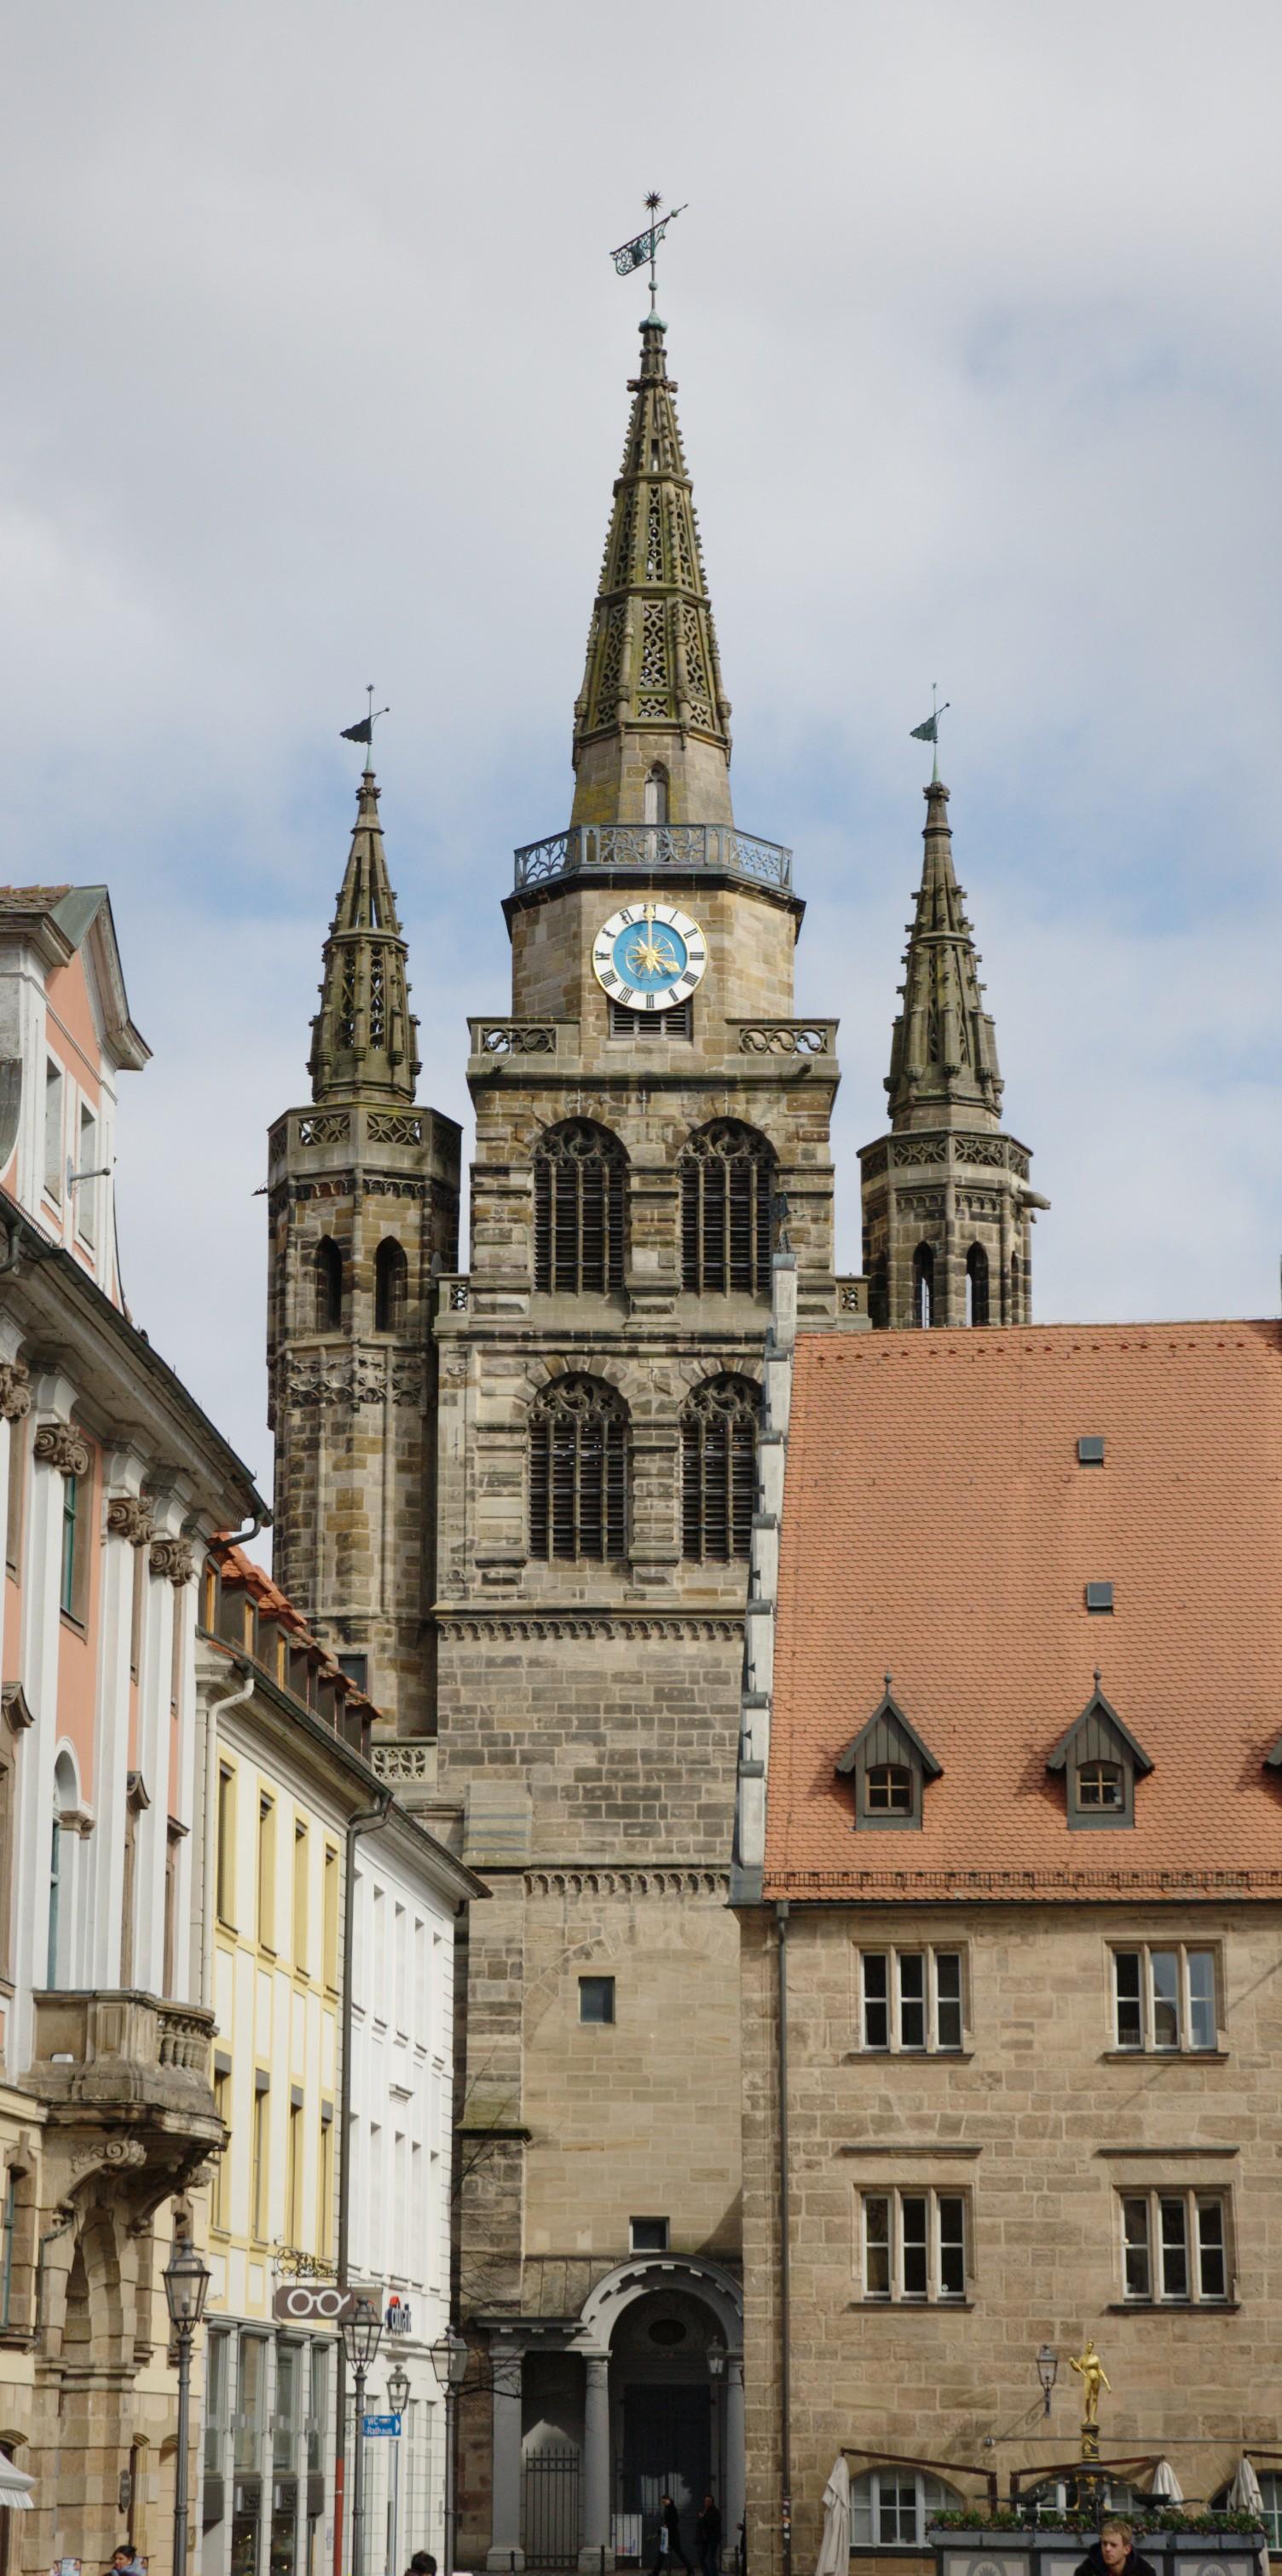 St. Gumbertus, Ansbach, Mittelfranken, Foto wikipedia von Alexander Rahm CC BY 3.0